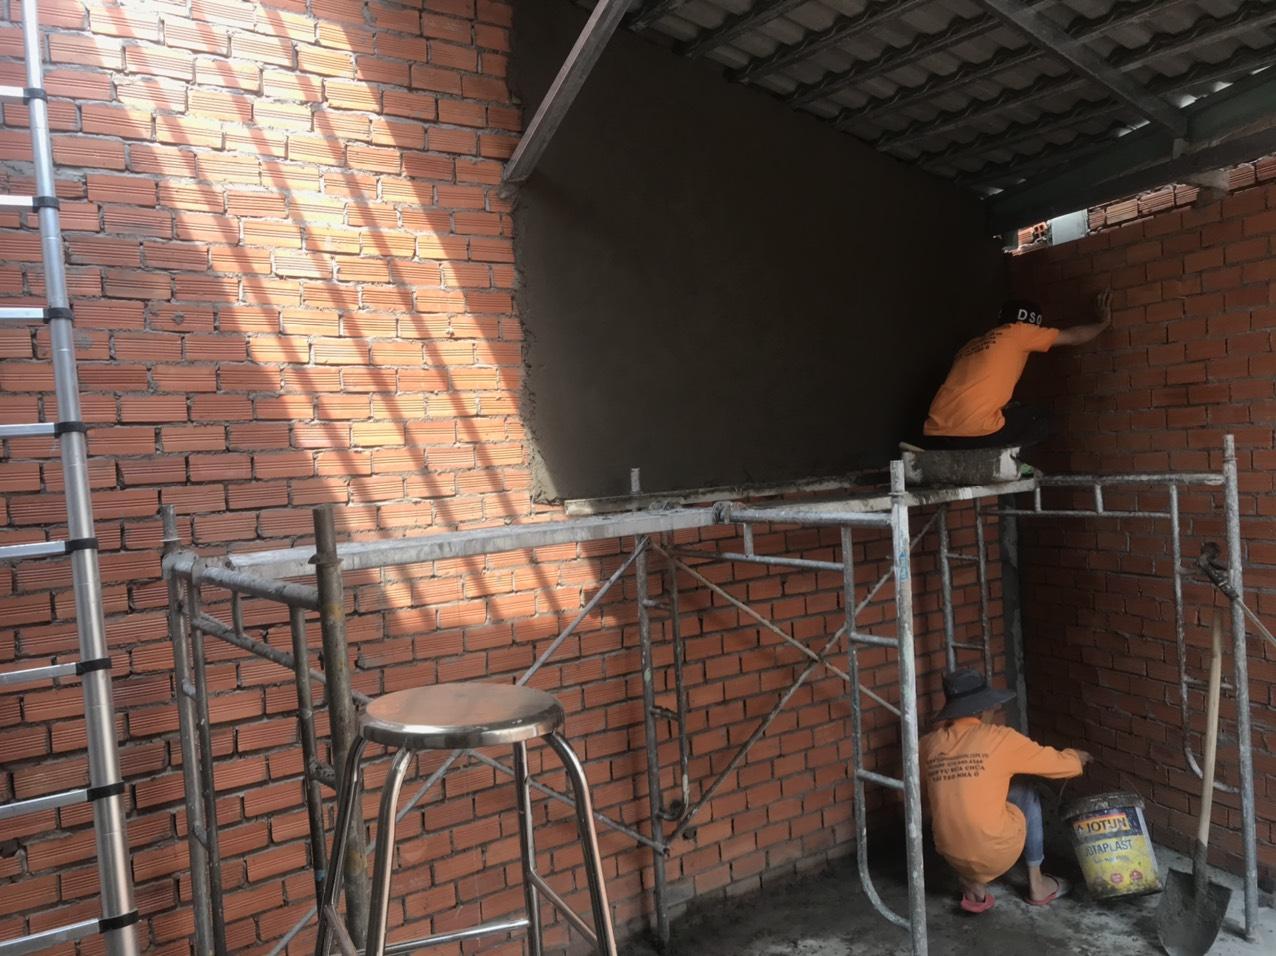 Dịch vu sửa chữa nhà Quận 10